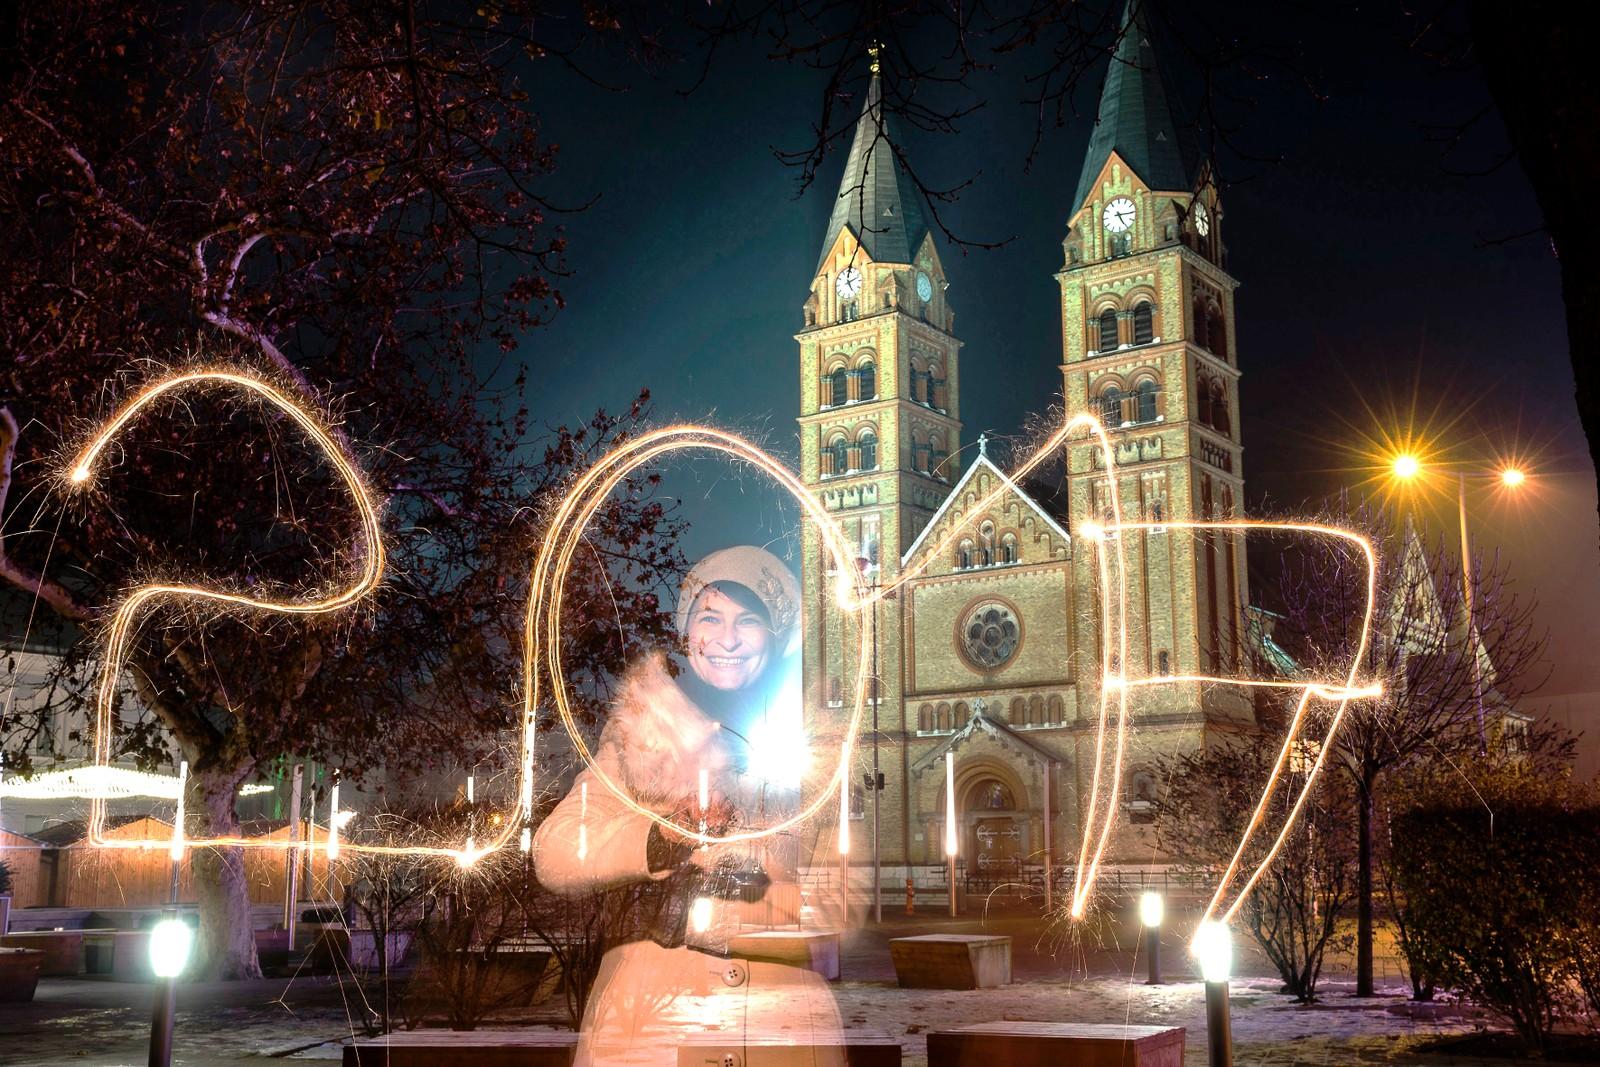 NYIREGYHAZA: En kvinne ønsker 2017 velkommen med stjerneskudd i byen Nyiregyhaza som ligger 245 km øst for Ungarns hovedstad Budapest.